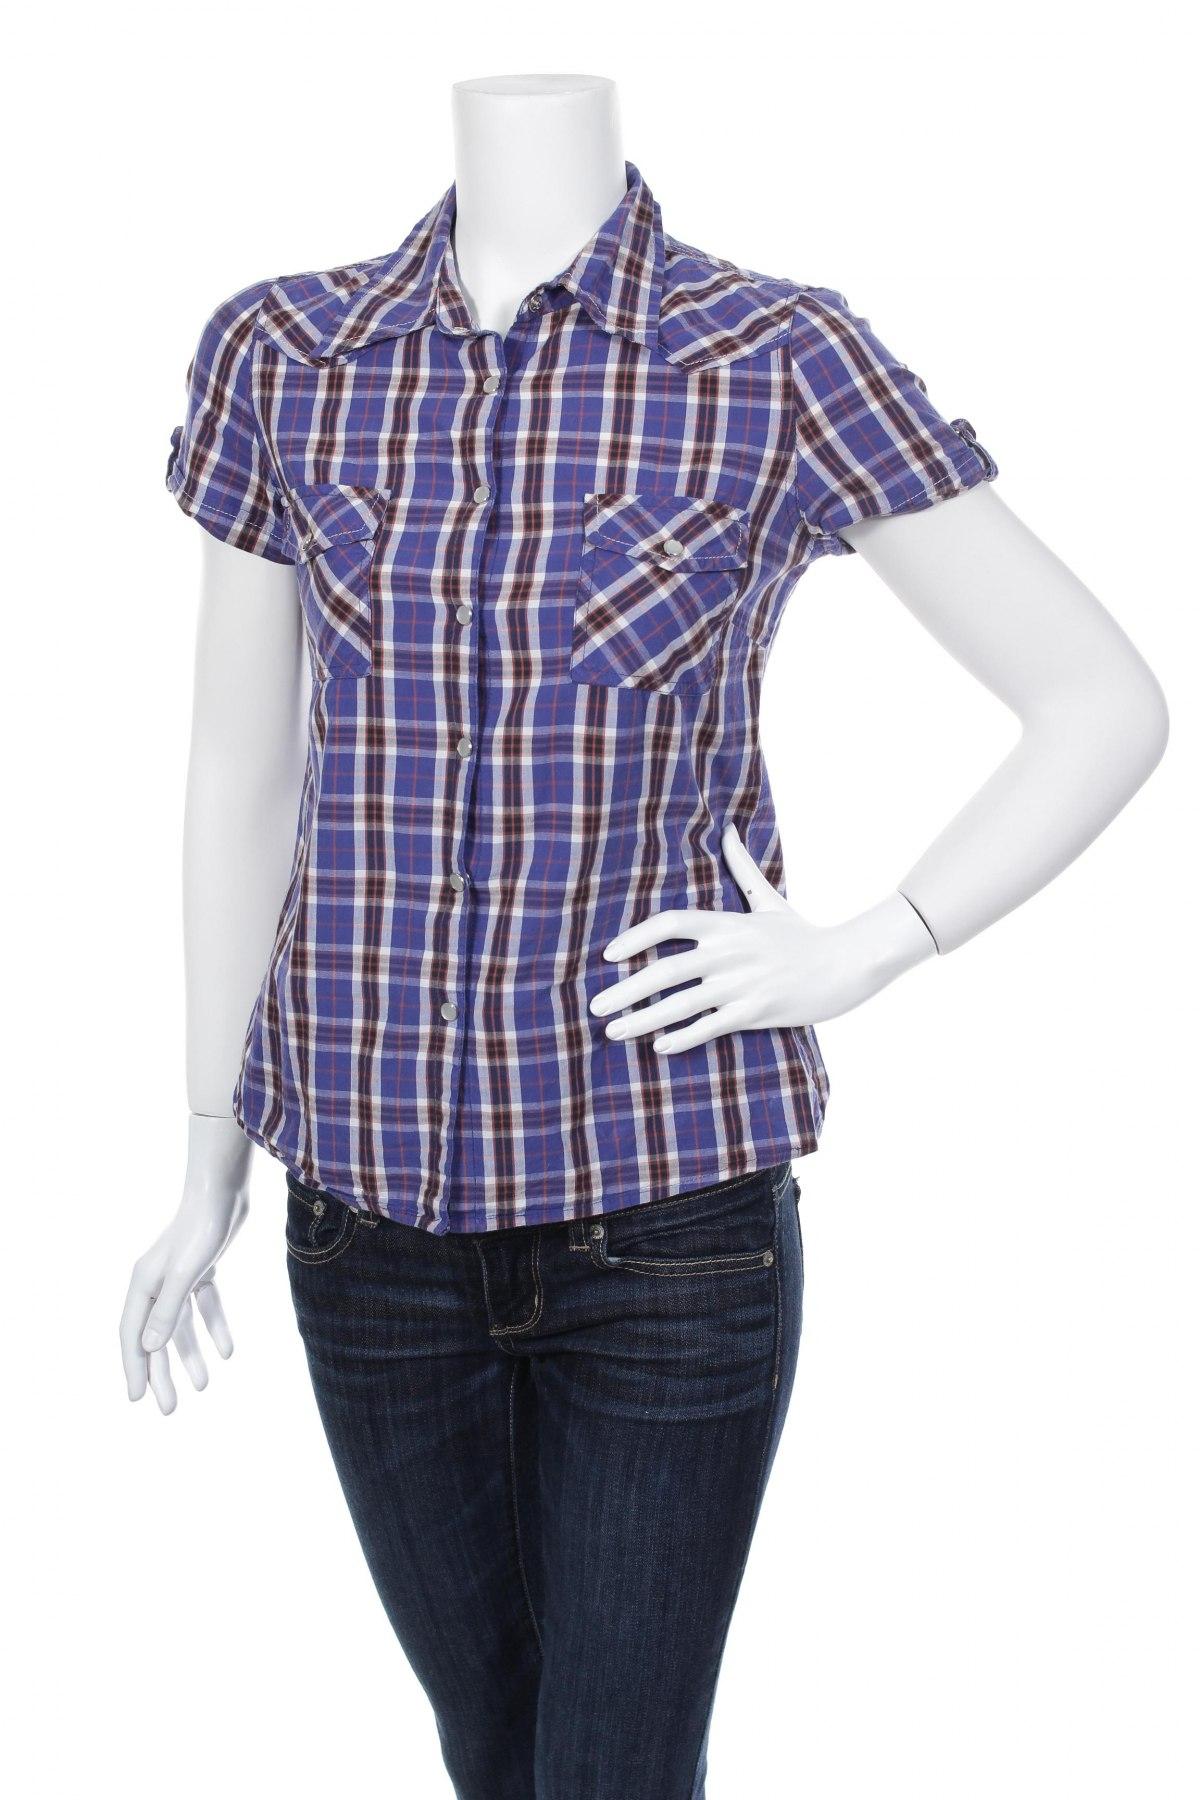 Γυναικείο πουκάμισο Indiska